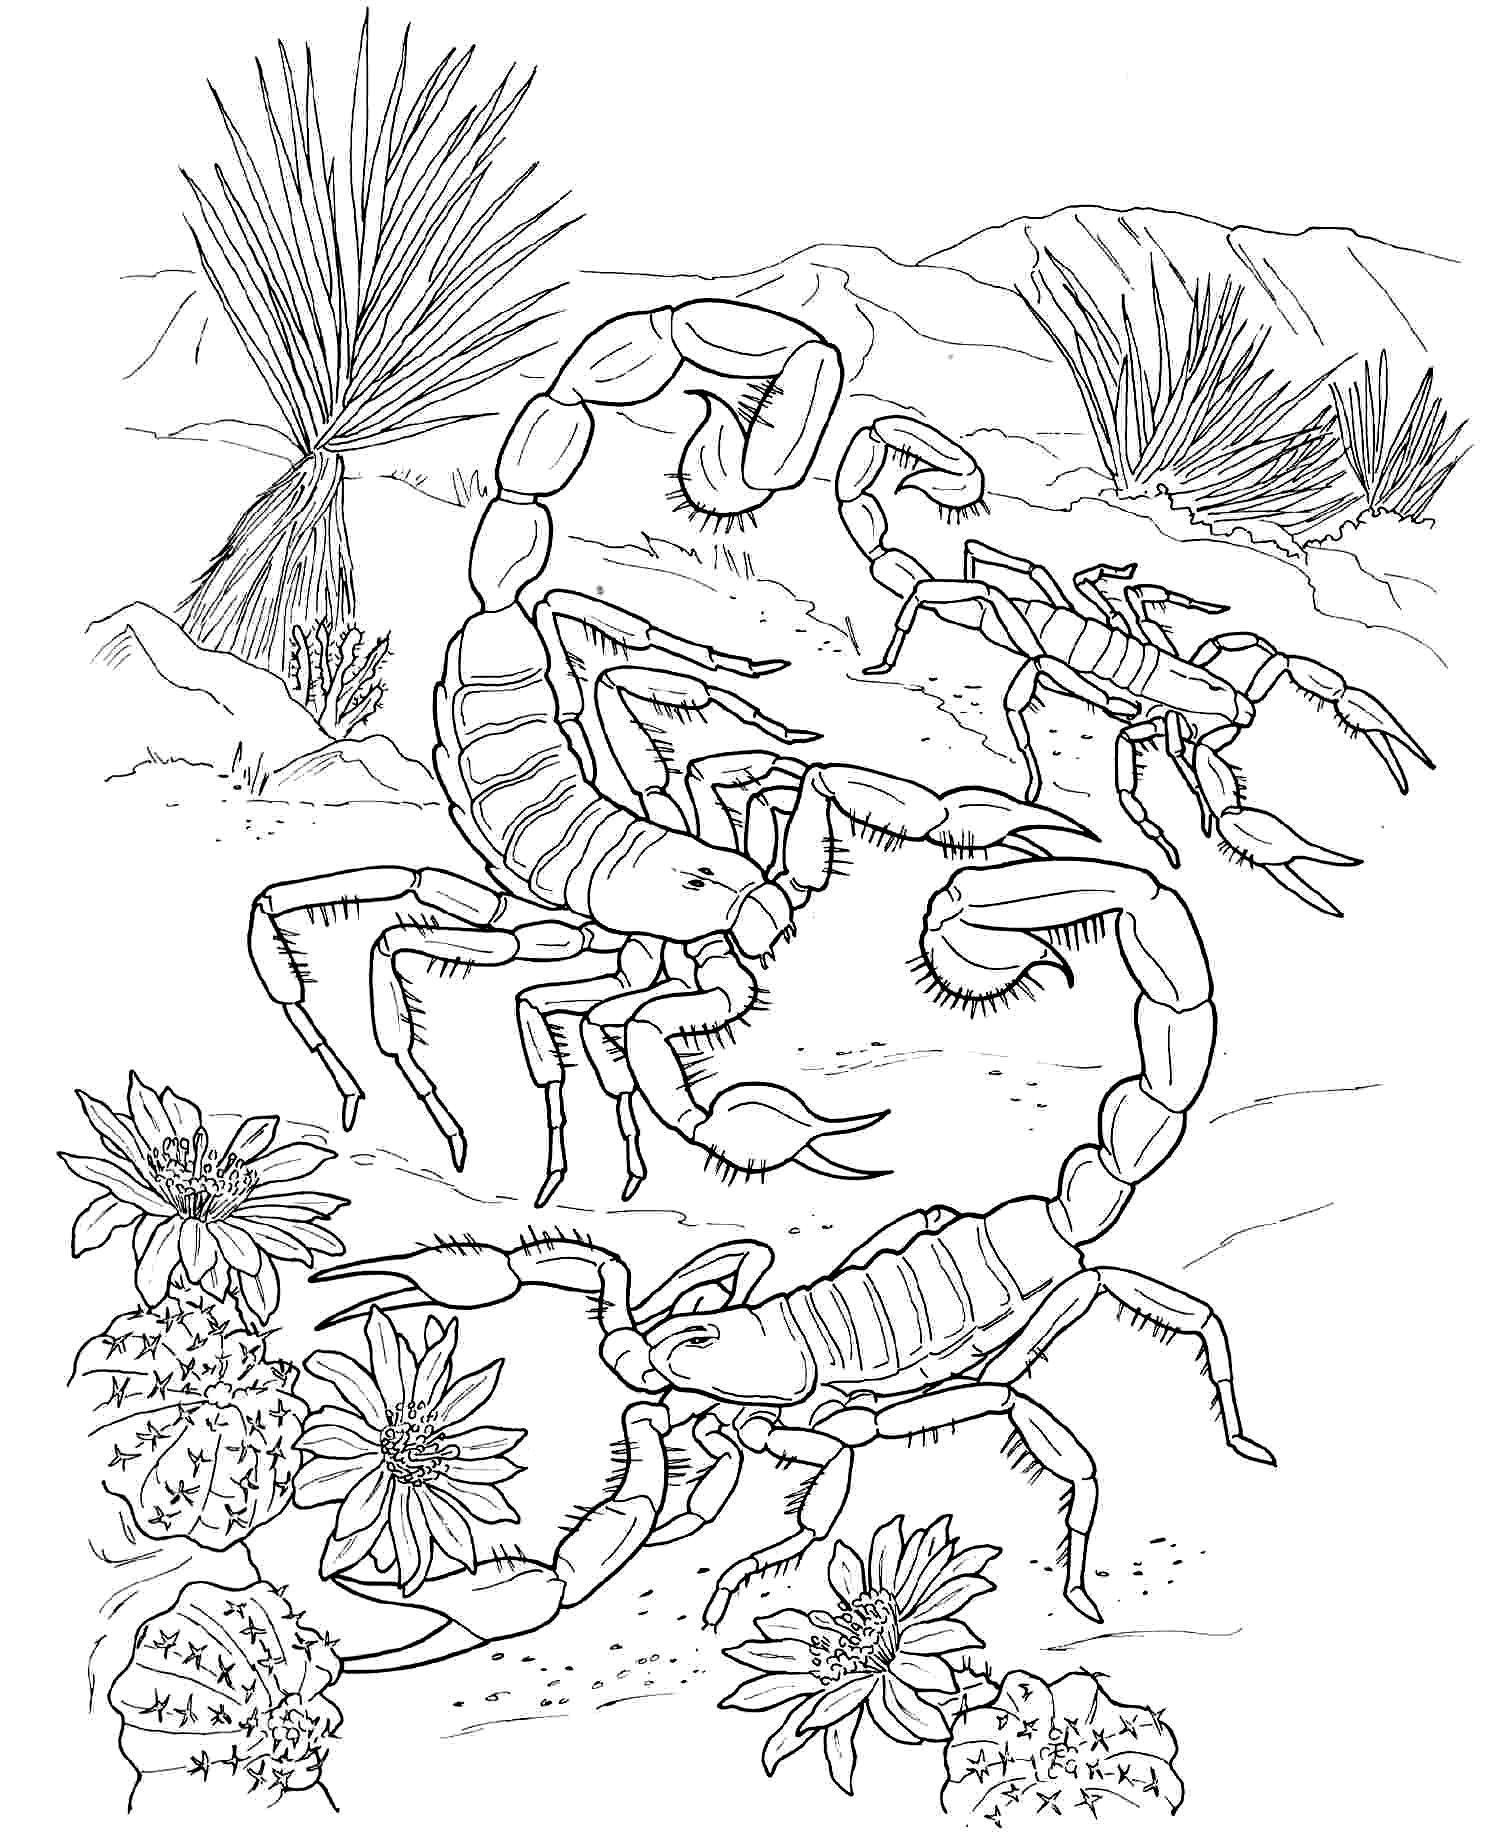 New Scorpion Page To Color Gallery Free Printable Scorpion Coloring Pages For Kids Paginas Para Colorear De Animales Dibujos Paginas Para Colorear